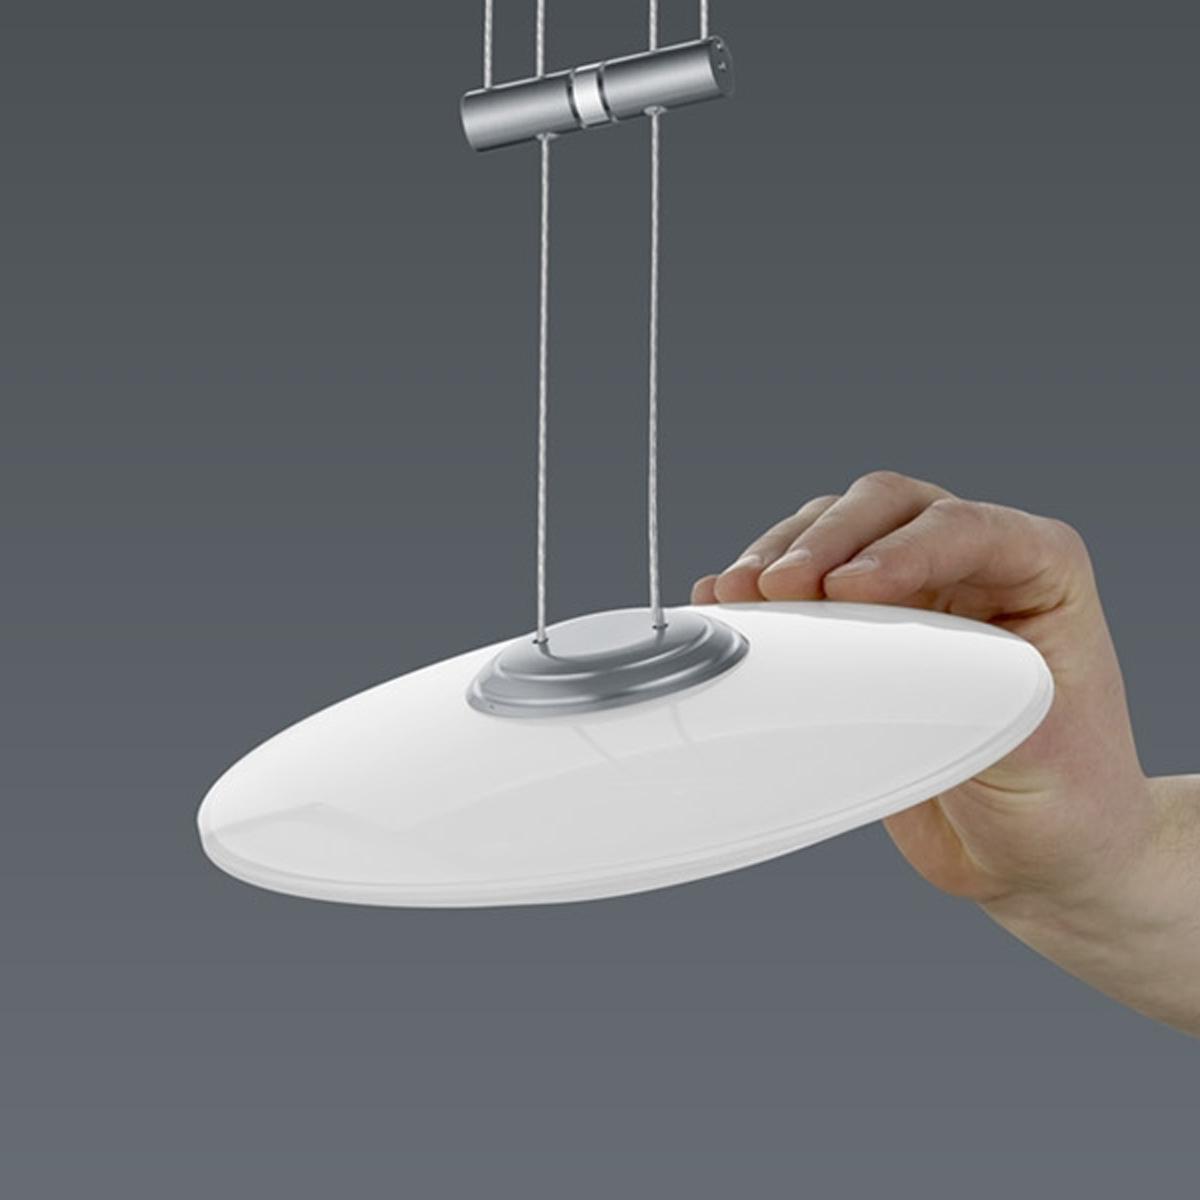 BANKAMP Leuchtenmanufaktur Artikel von BANKAMP Leuchtenmanufaktur LED-Pendelleuchte Orbit zur Strada 2147/1-92